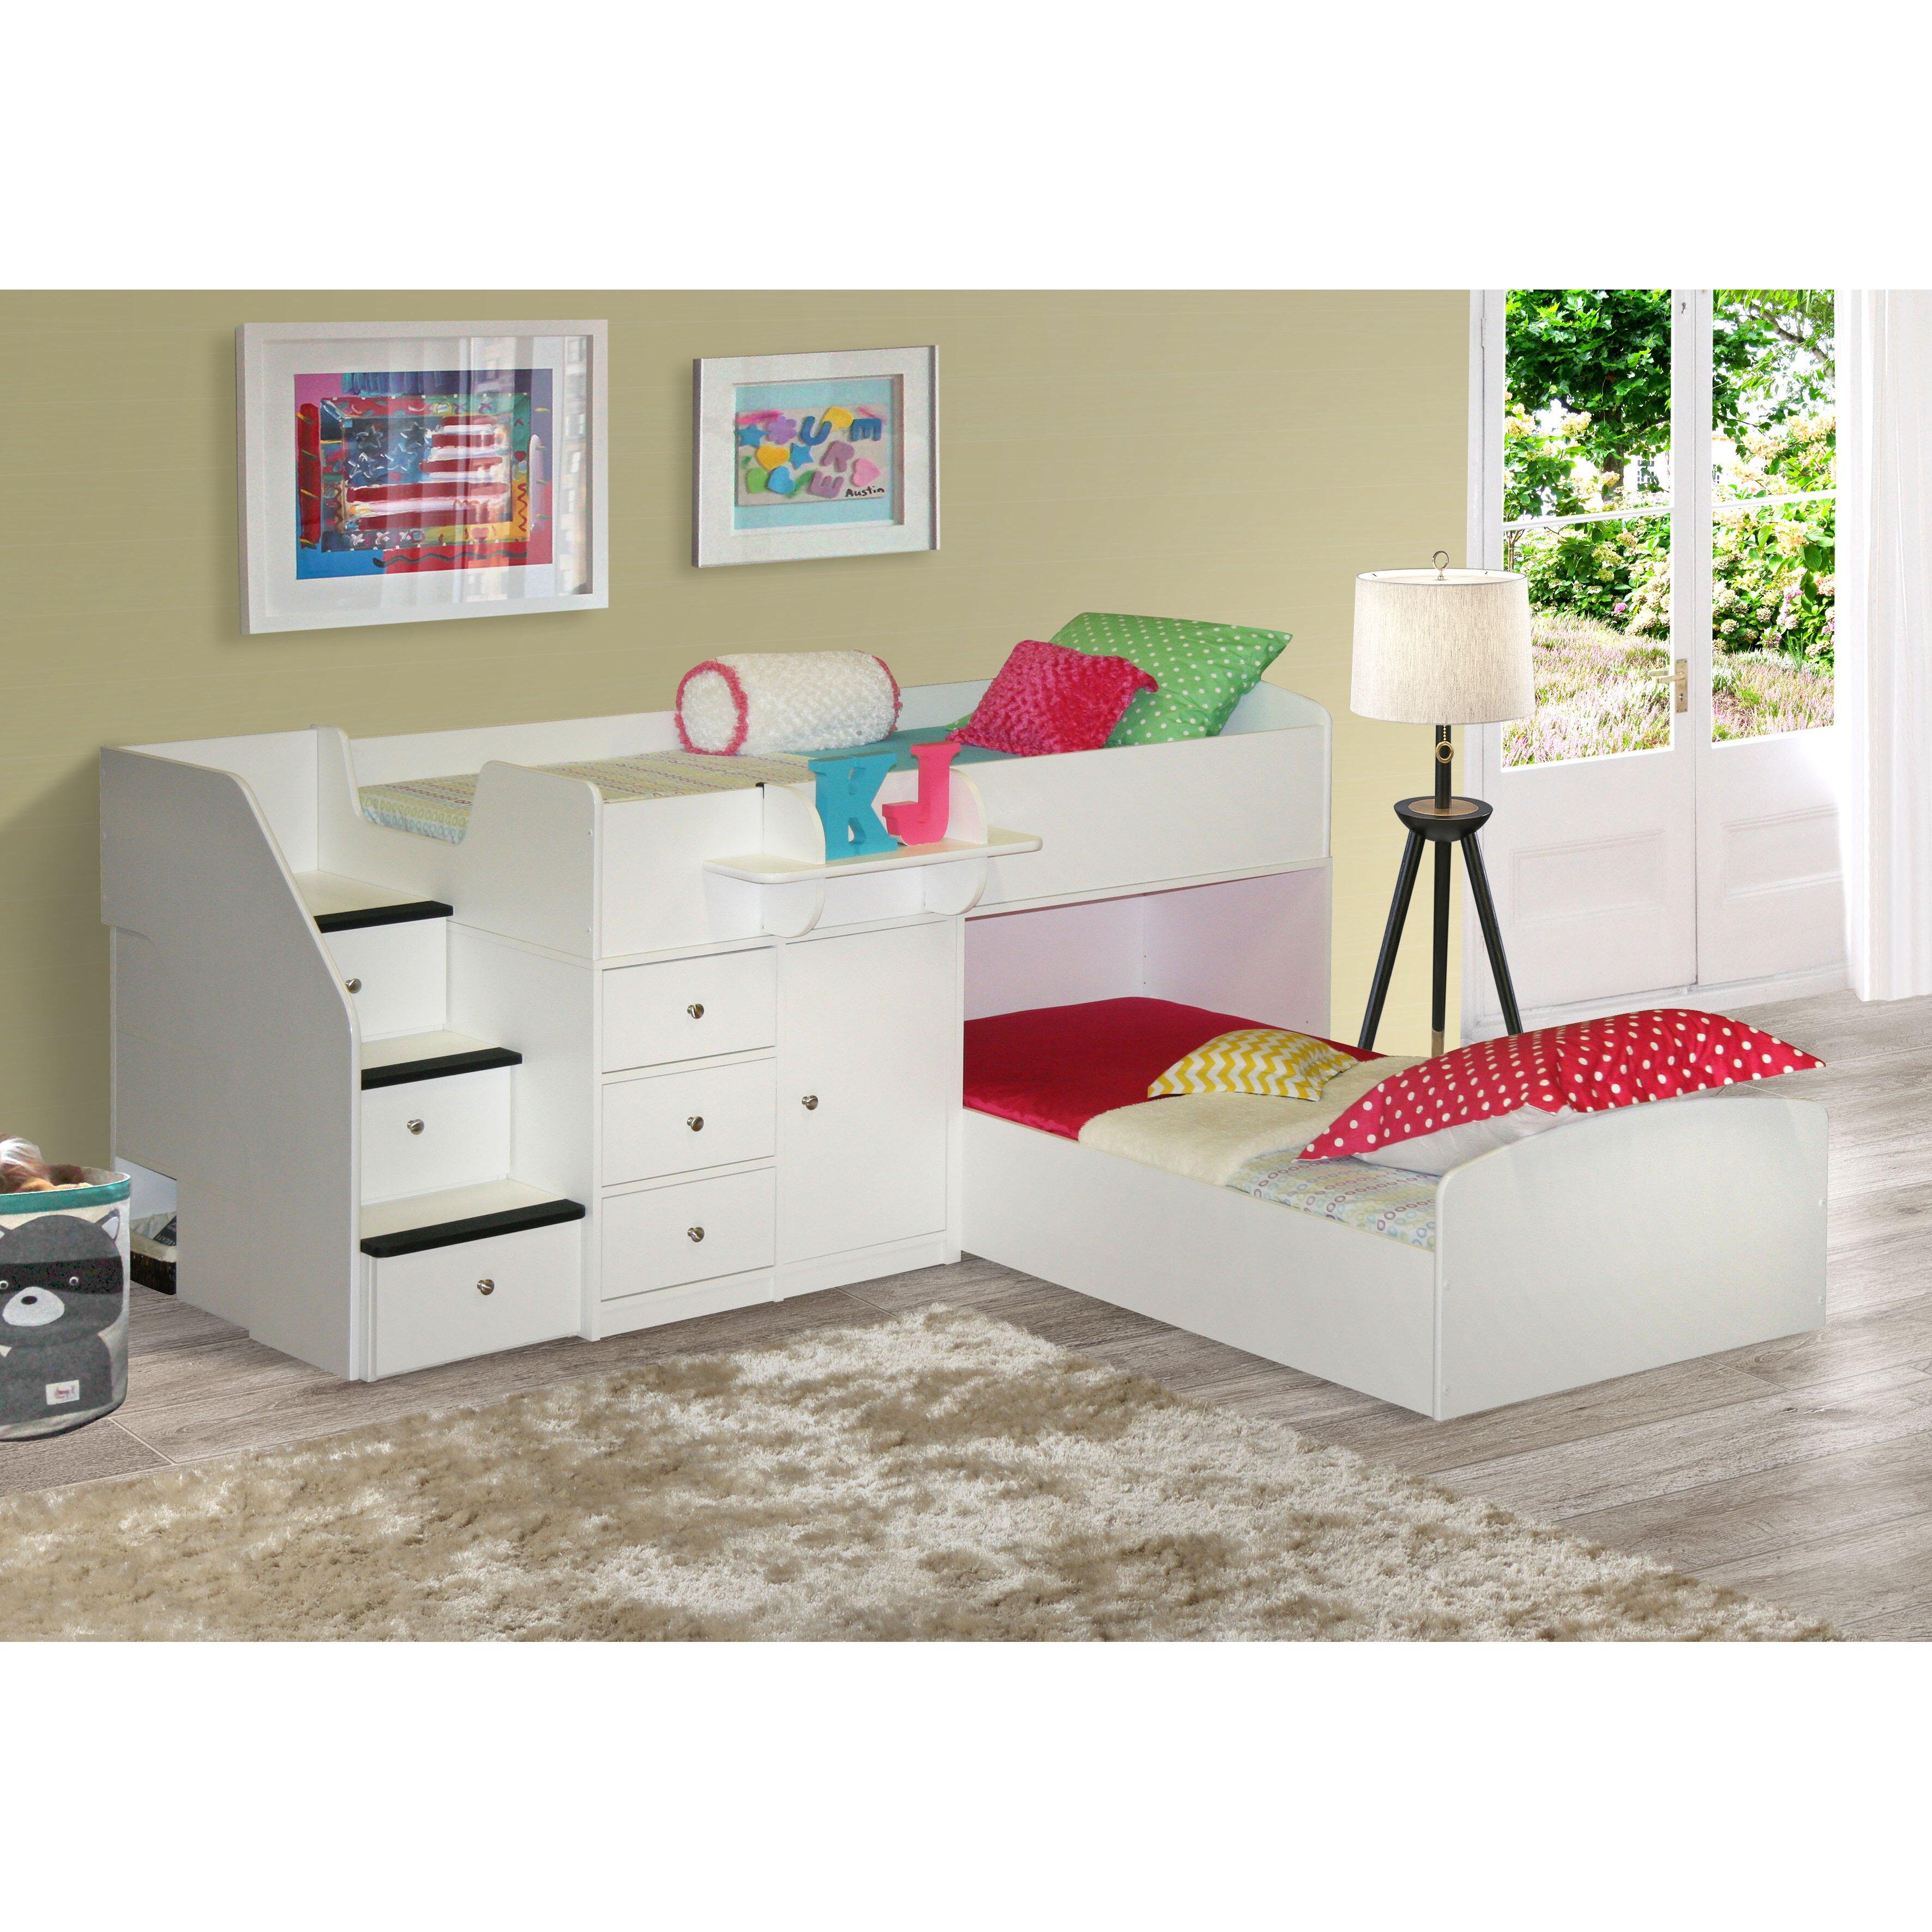 Low L Shaped Bunk Beds Uk